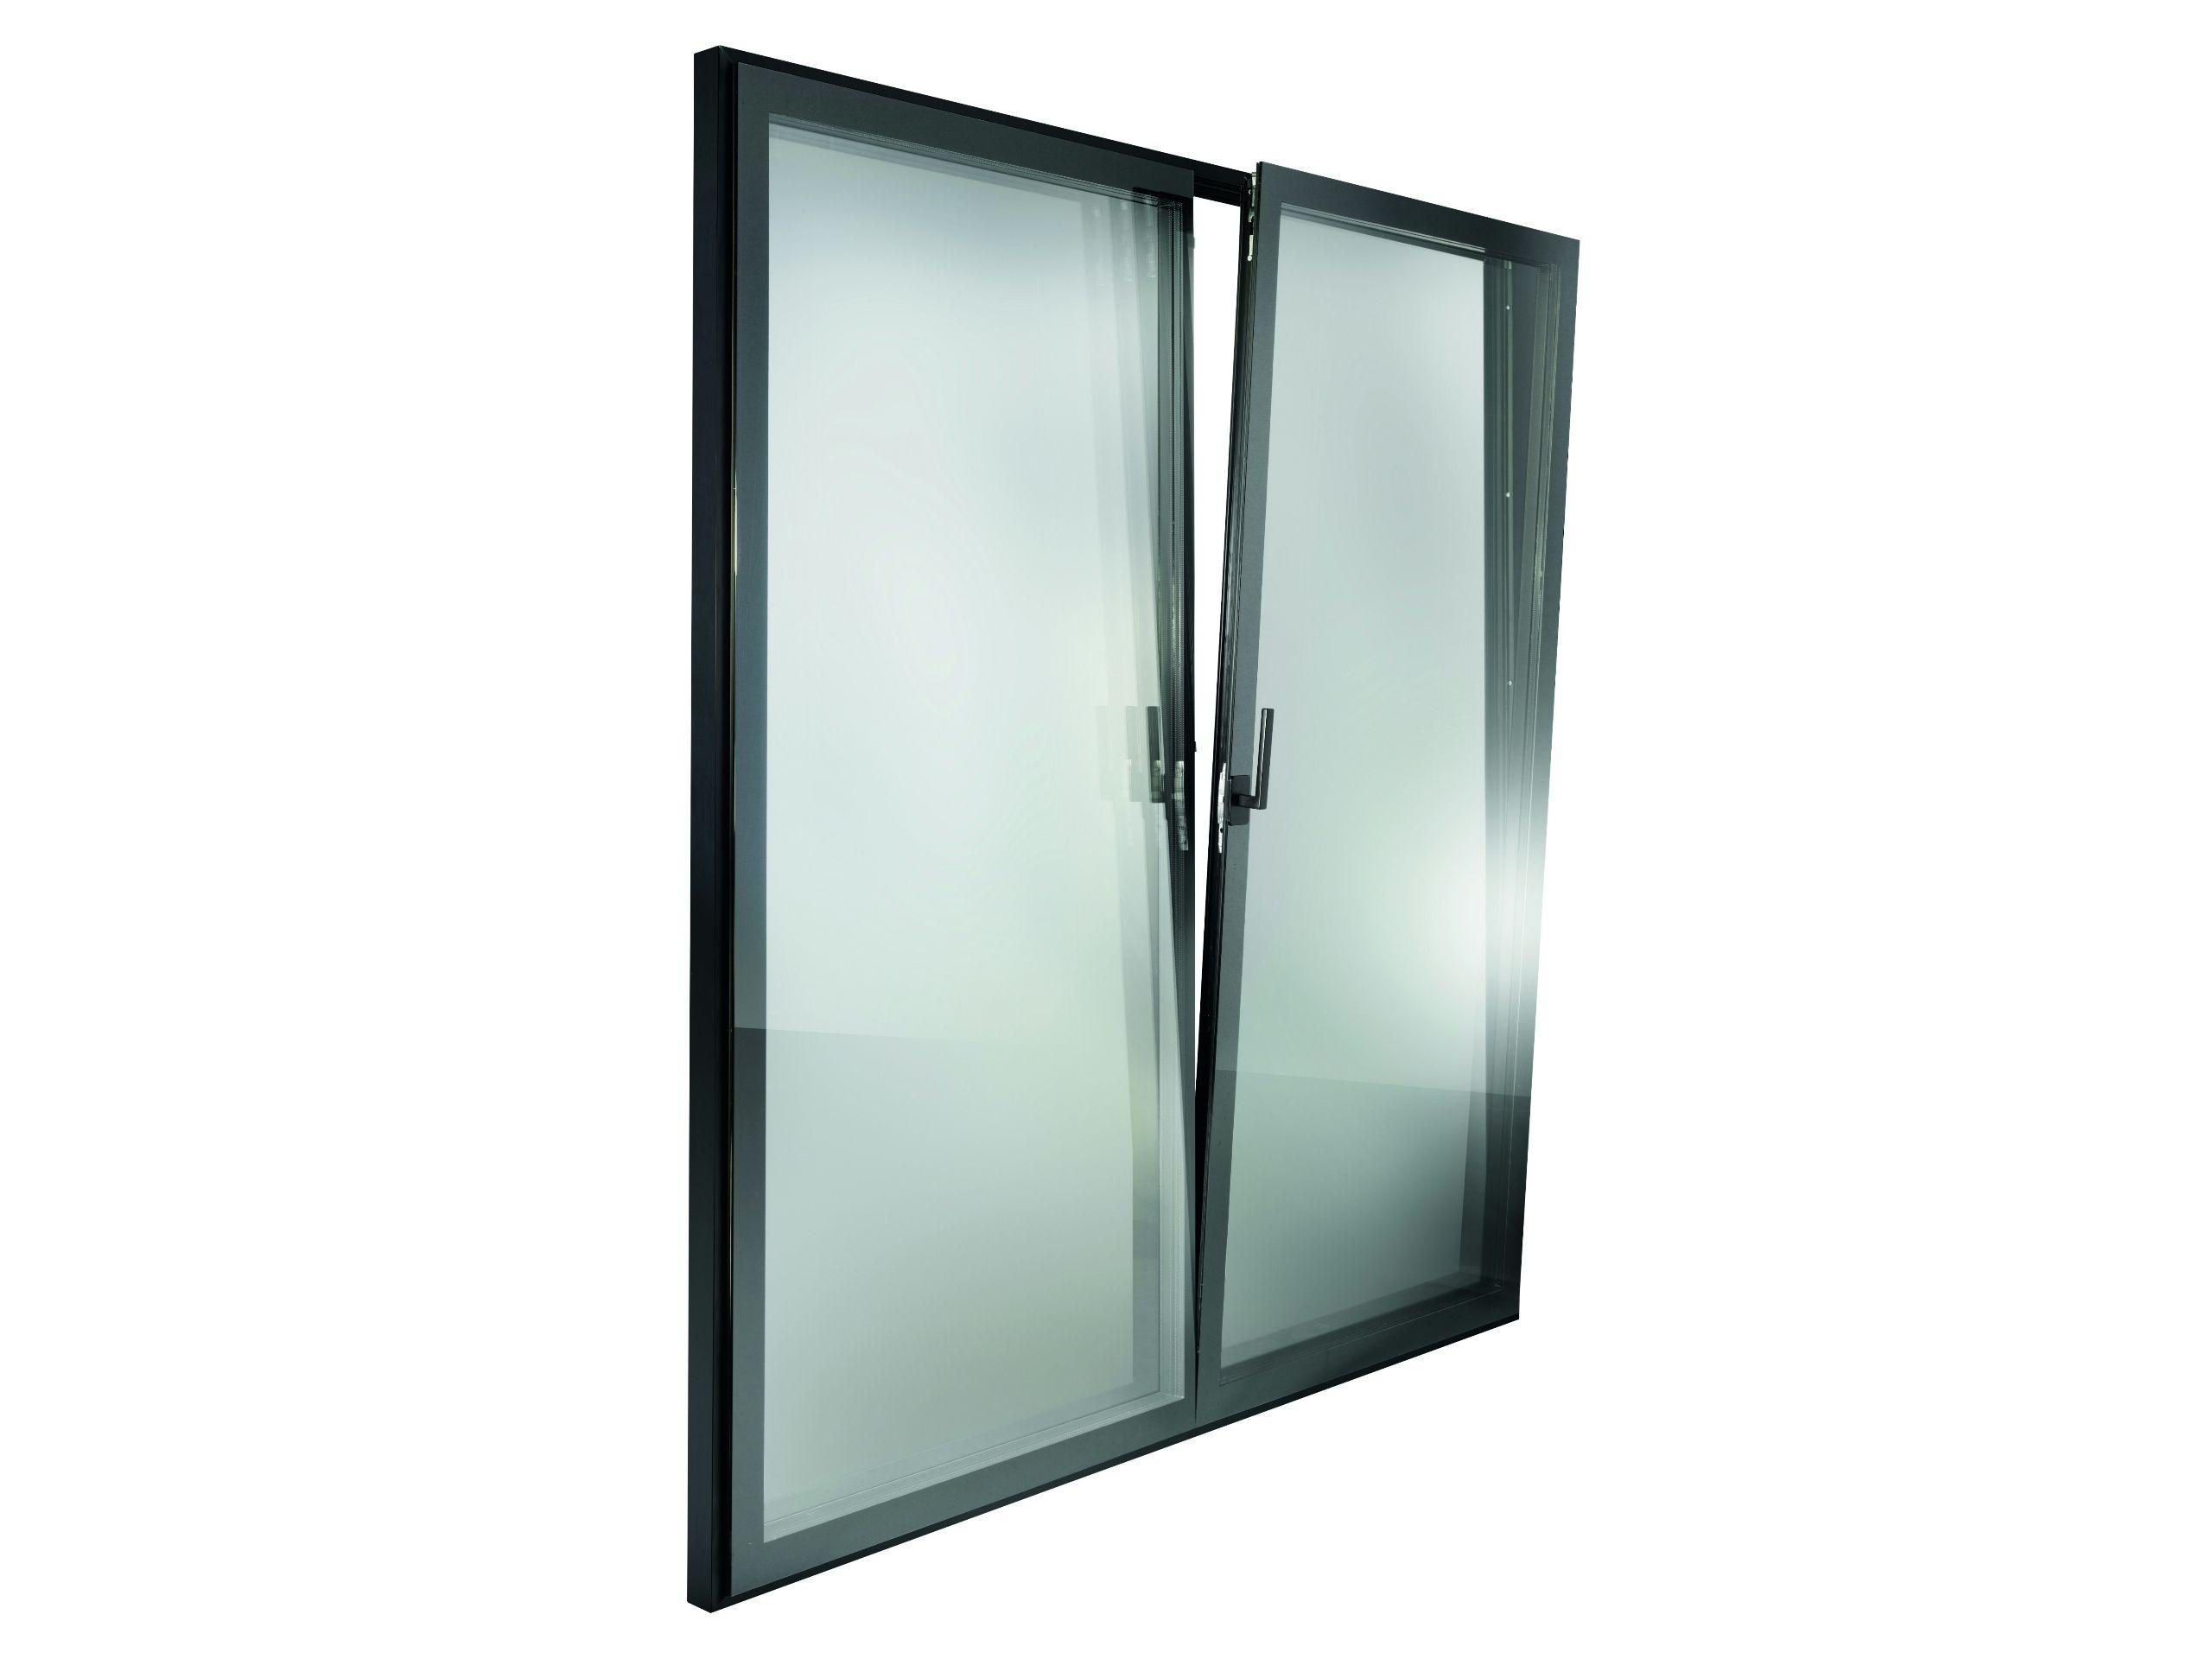 Essenza porta finestra a battente by essenza - Finestre a taglio termico ...